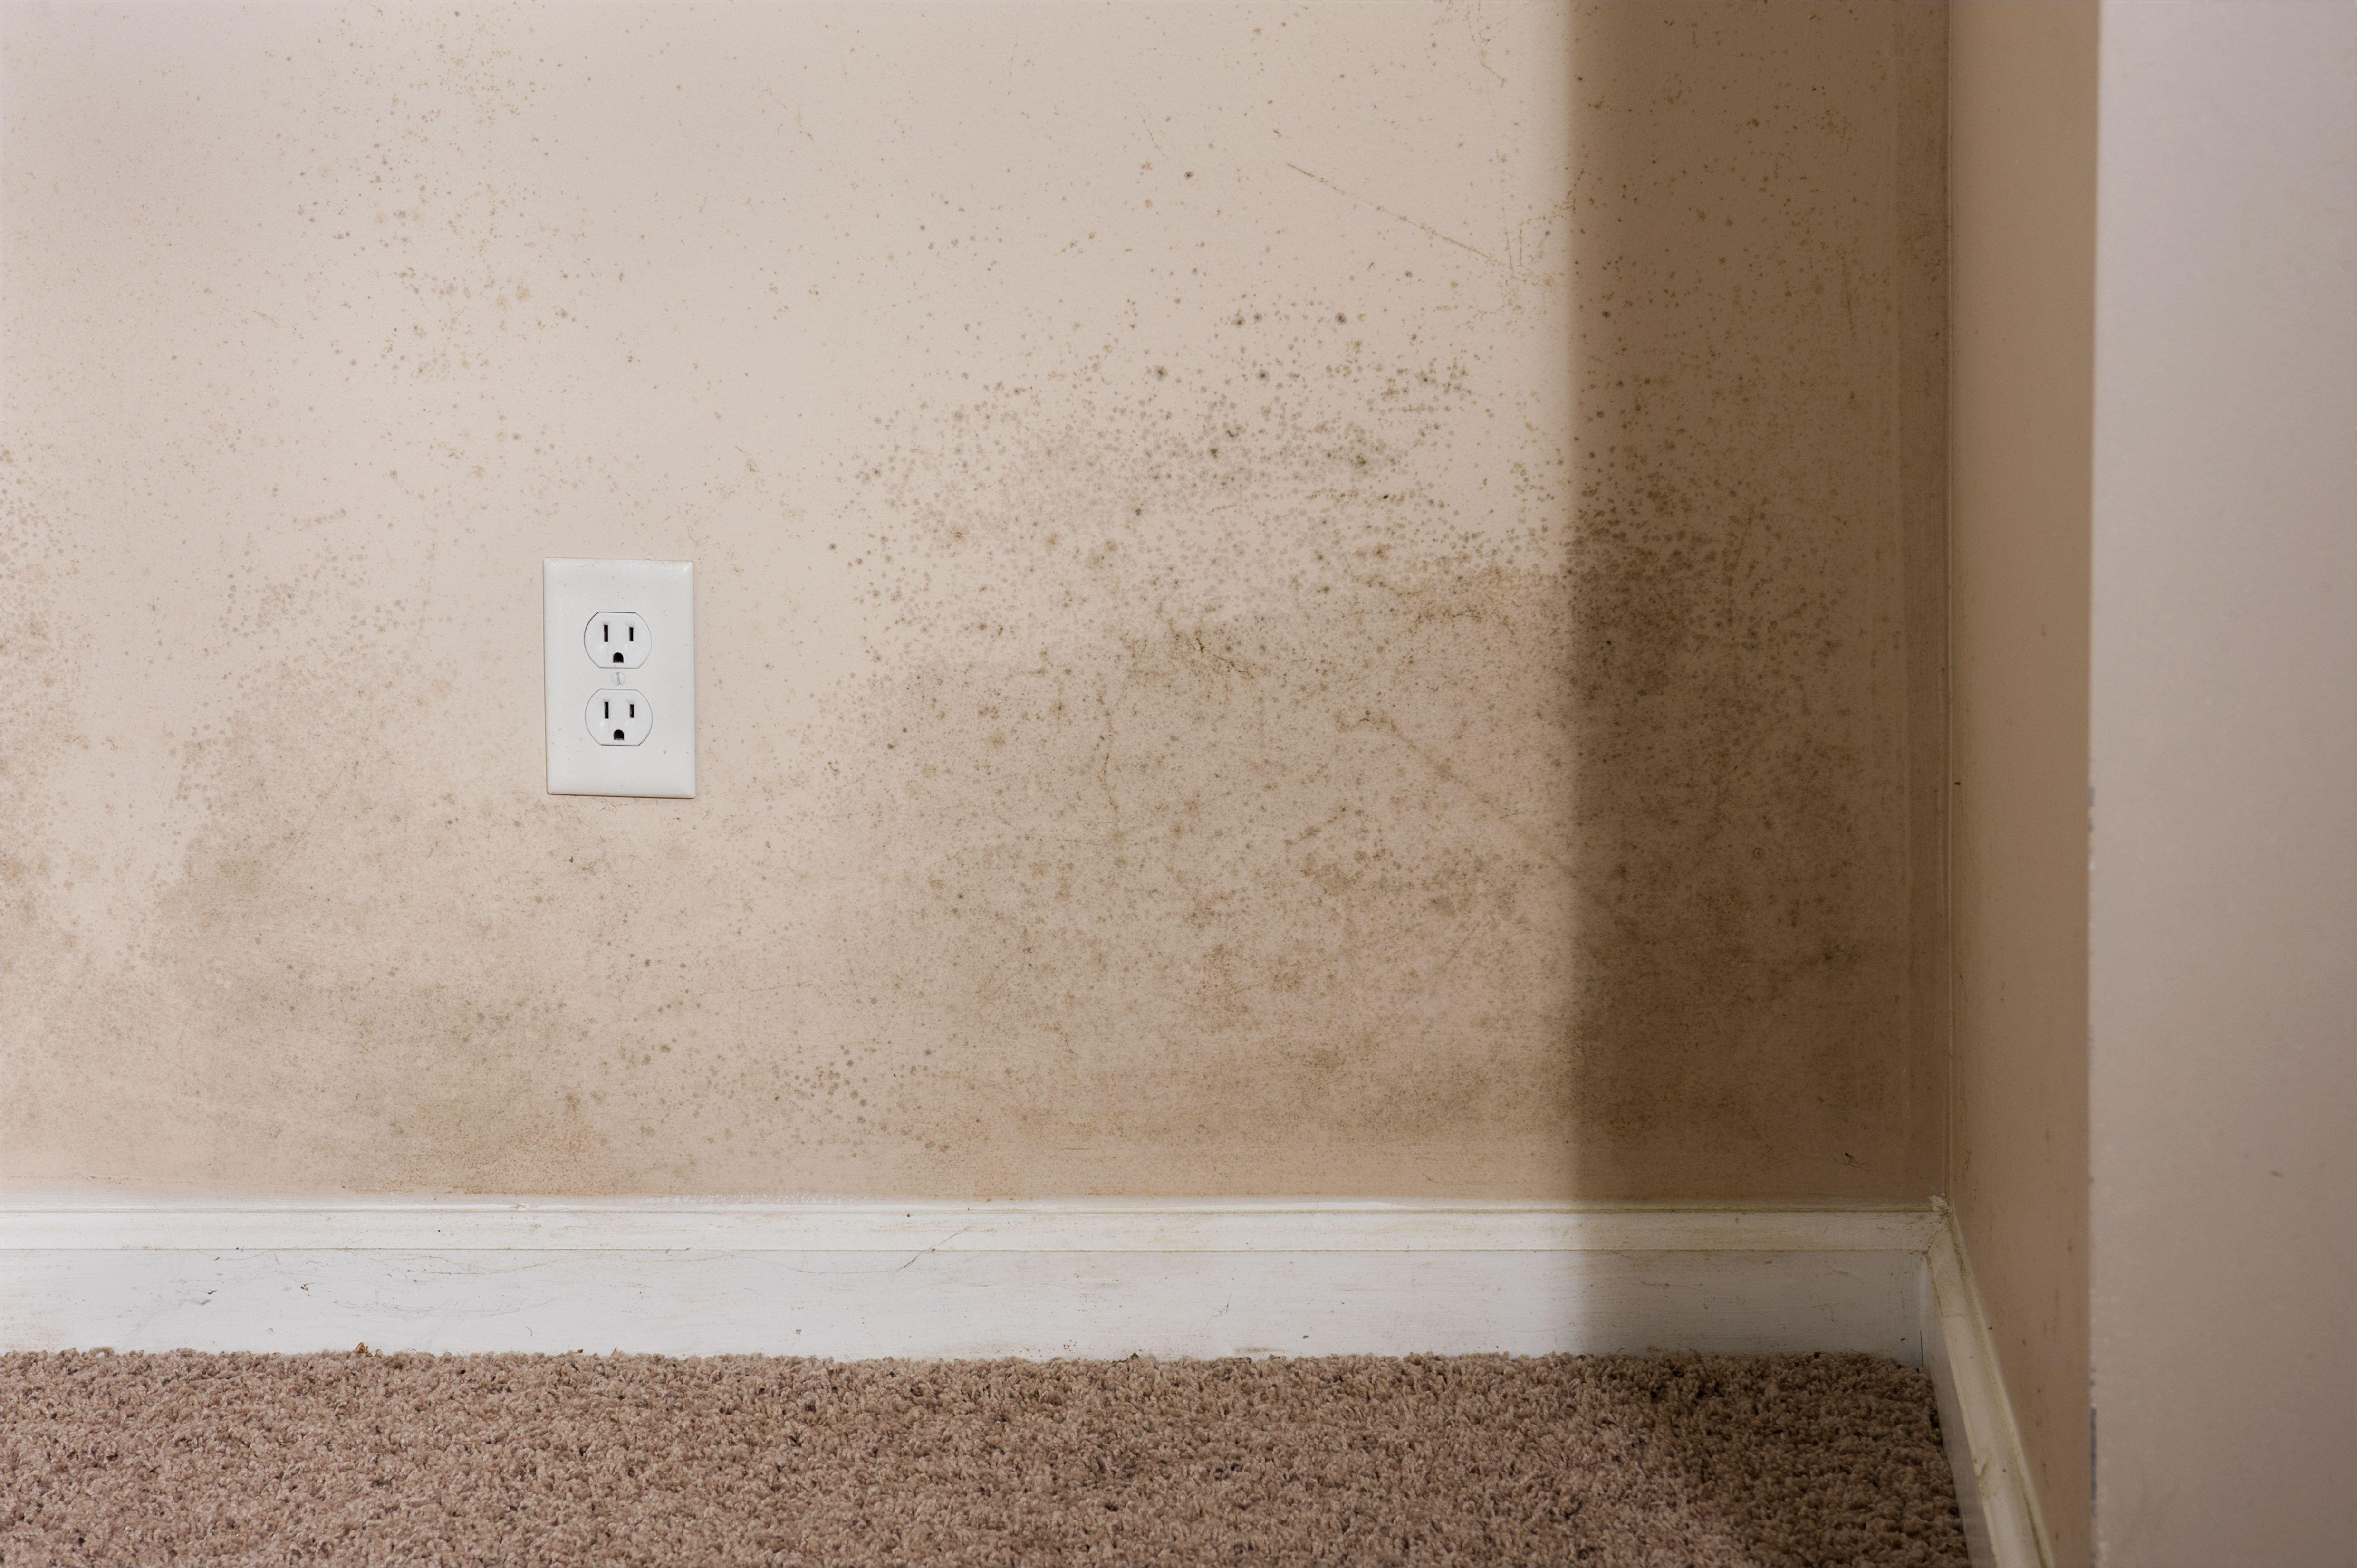 home interior mold e5f9b5815d9ddf60d